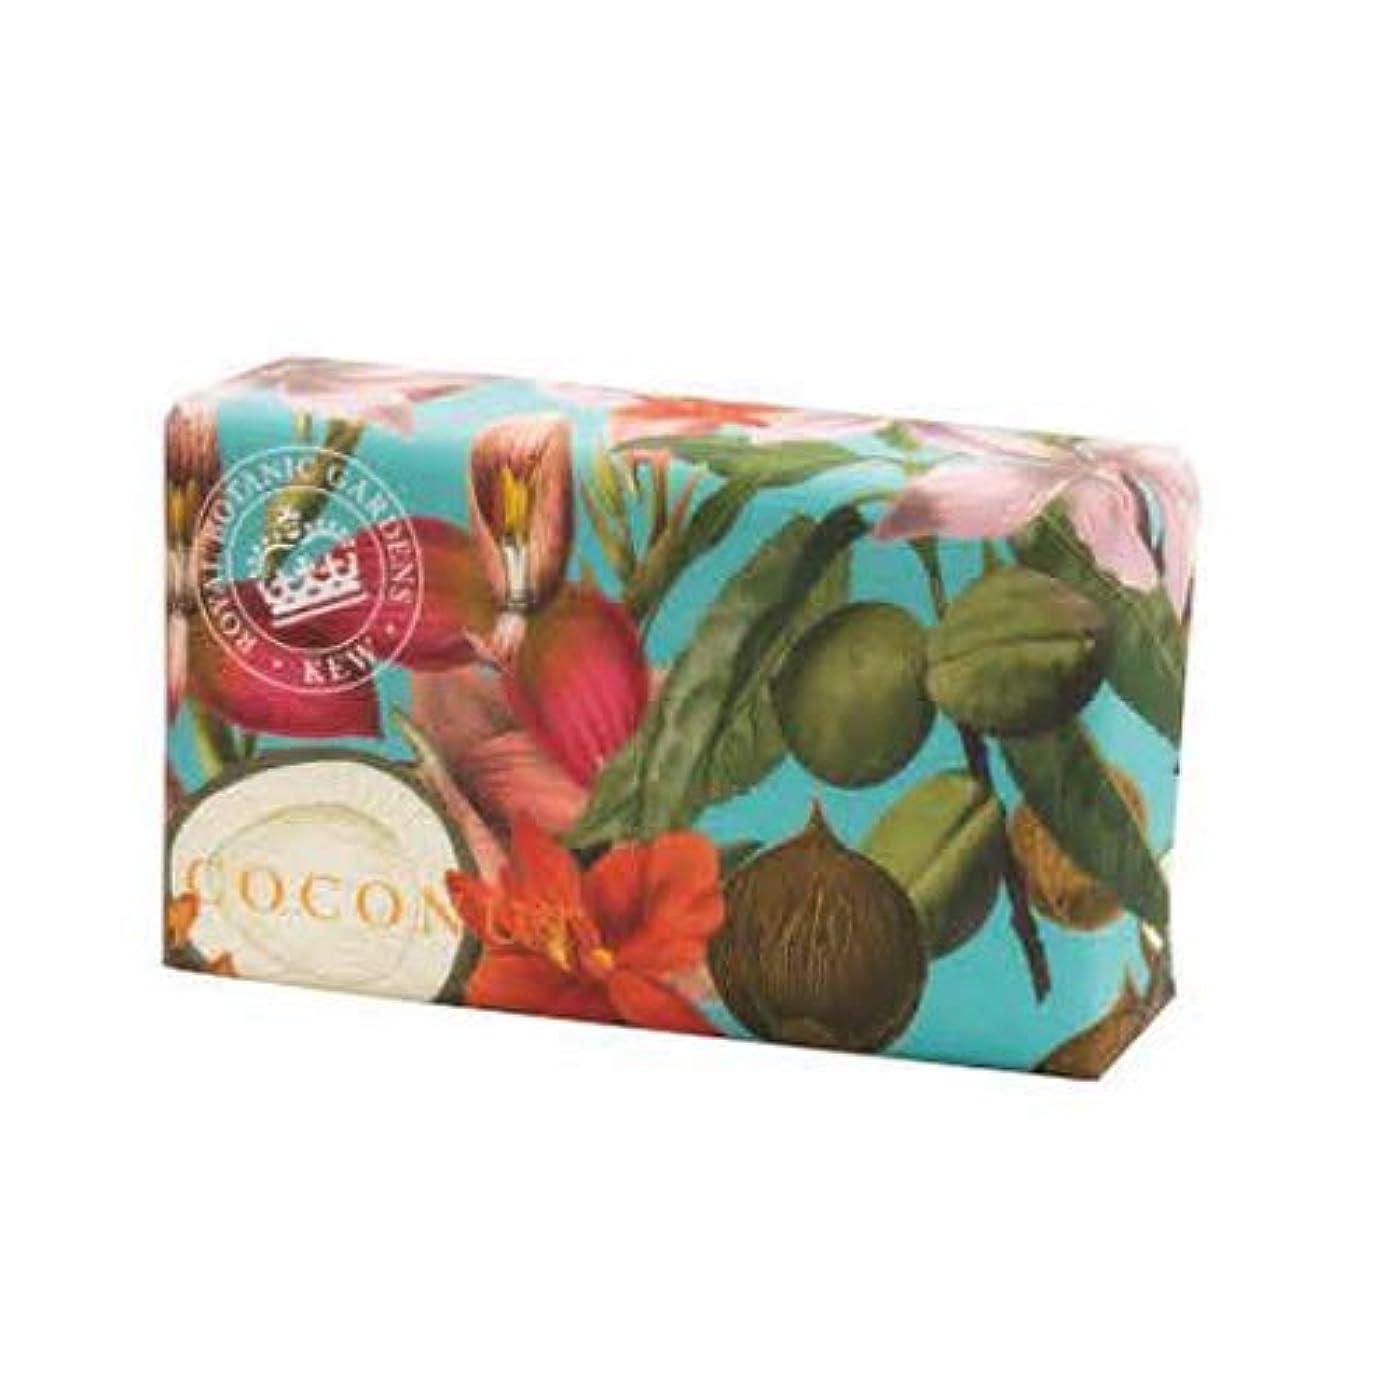 穴漂流余剰English Soap Company イングリッシュソープカンパニー KEW GARDEN キュー?ガーデン Luxury Shea Soaps シアソープ Coconut ココナッツ